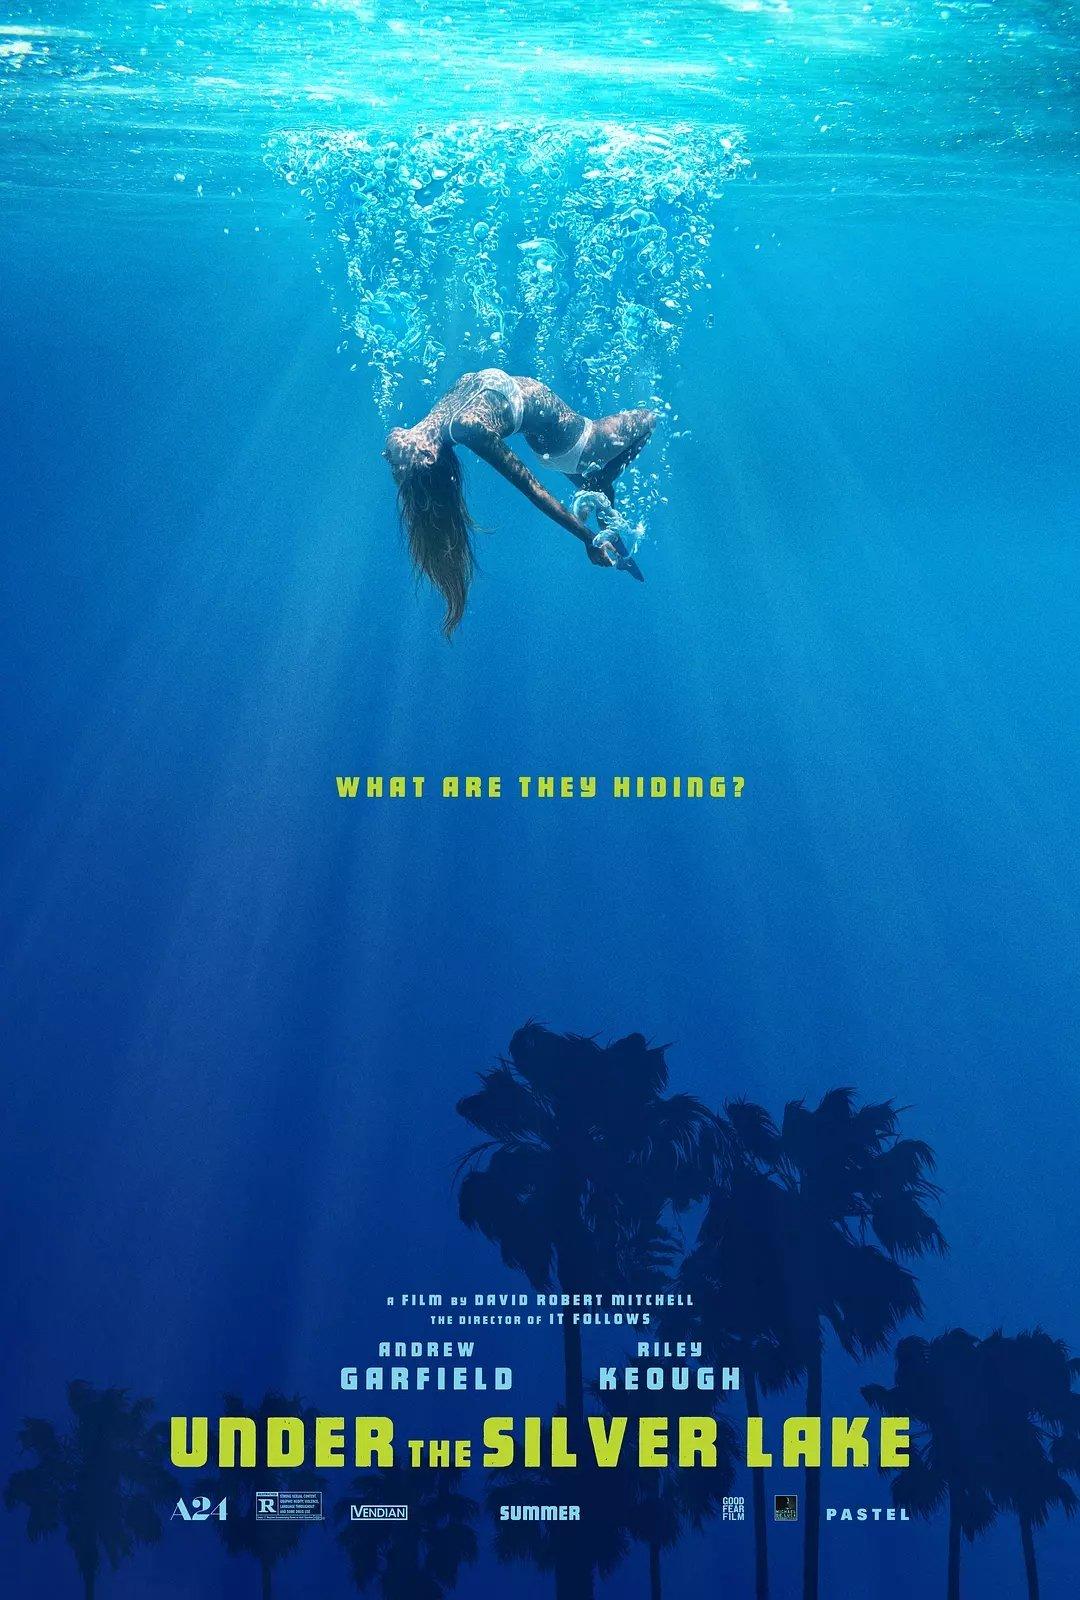 银湖之底 [提名第71届戛纳电影节金棕榈奖,一个发生在现代洛杉矶的犯罪惊悚黑色故事]